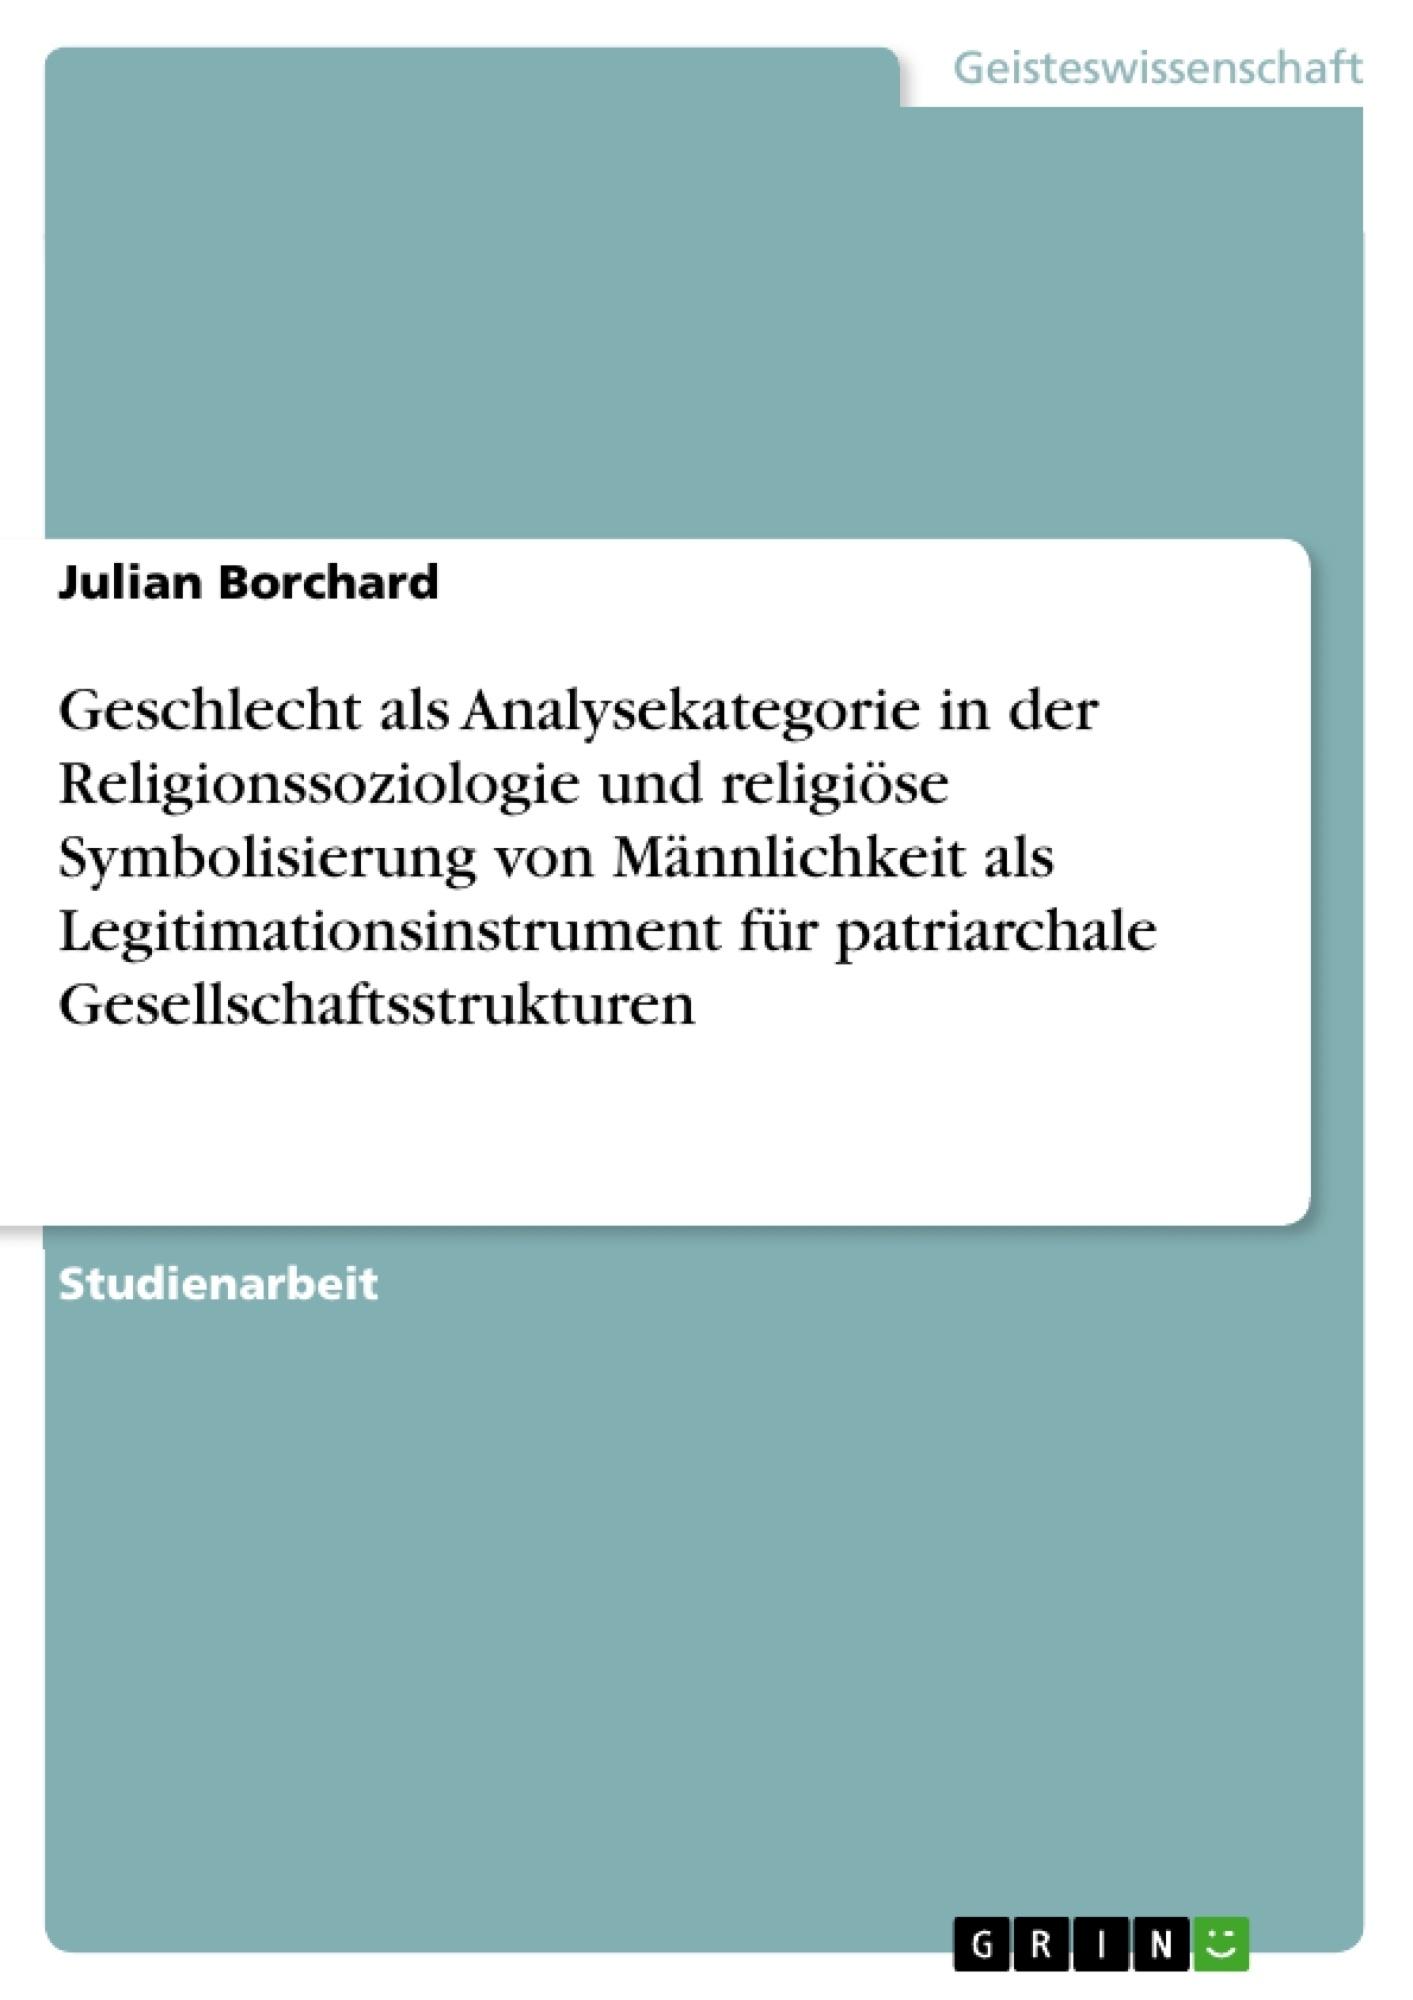 Titel: Geschlecht als Analysekategorie in der Religionssoziologie und religiöse Symbolisierung von Männlichkeit als Legitimationsinstrument für patriarchale Gesellschaftsstrukturen